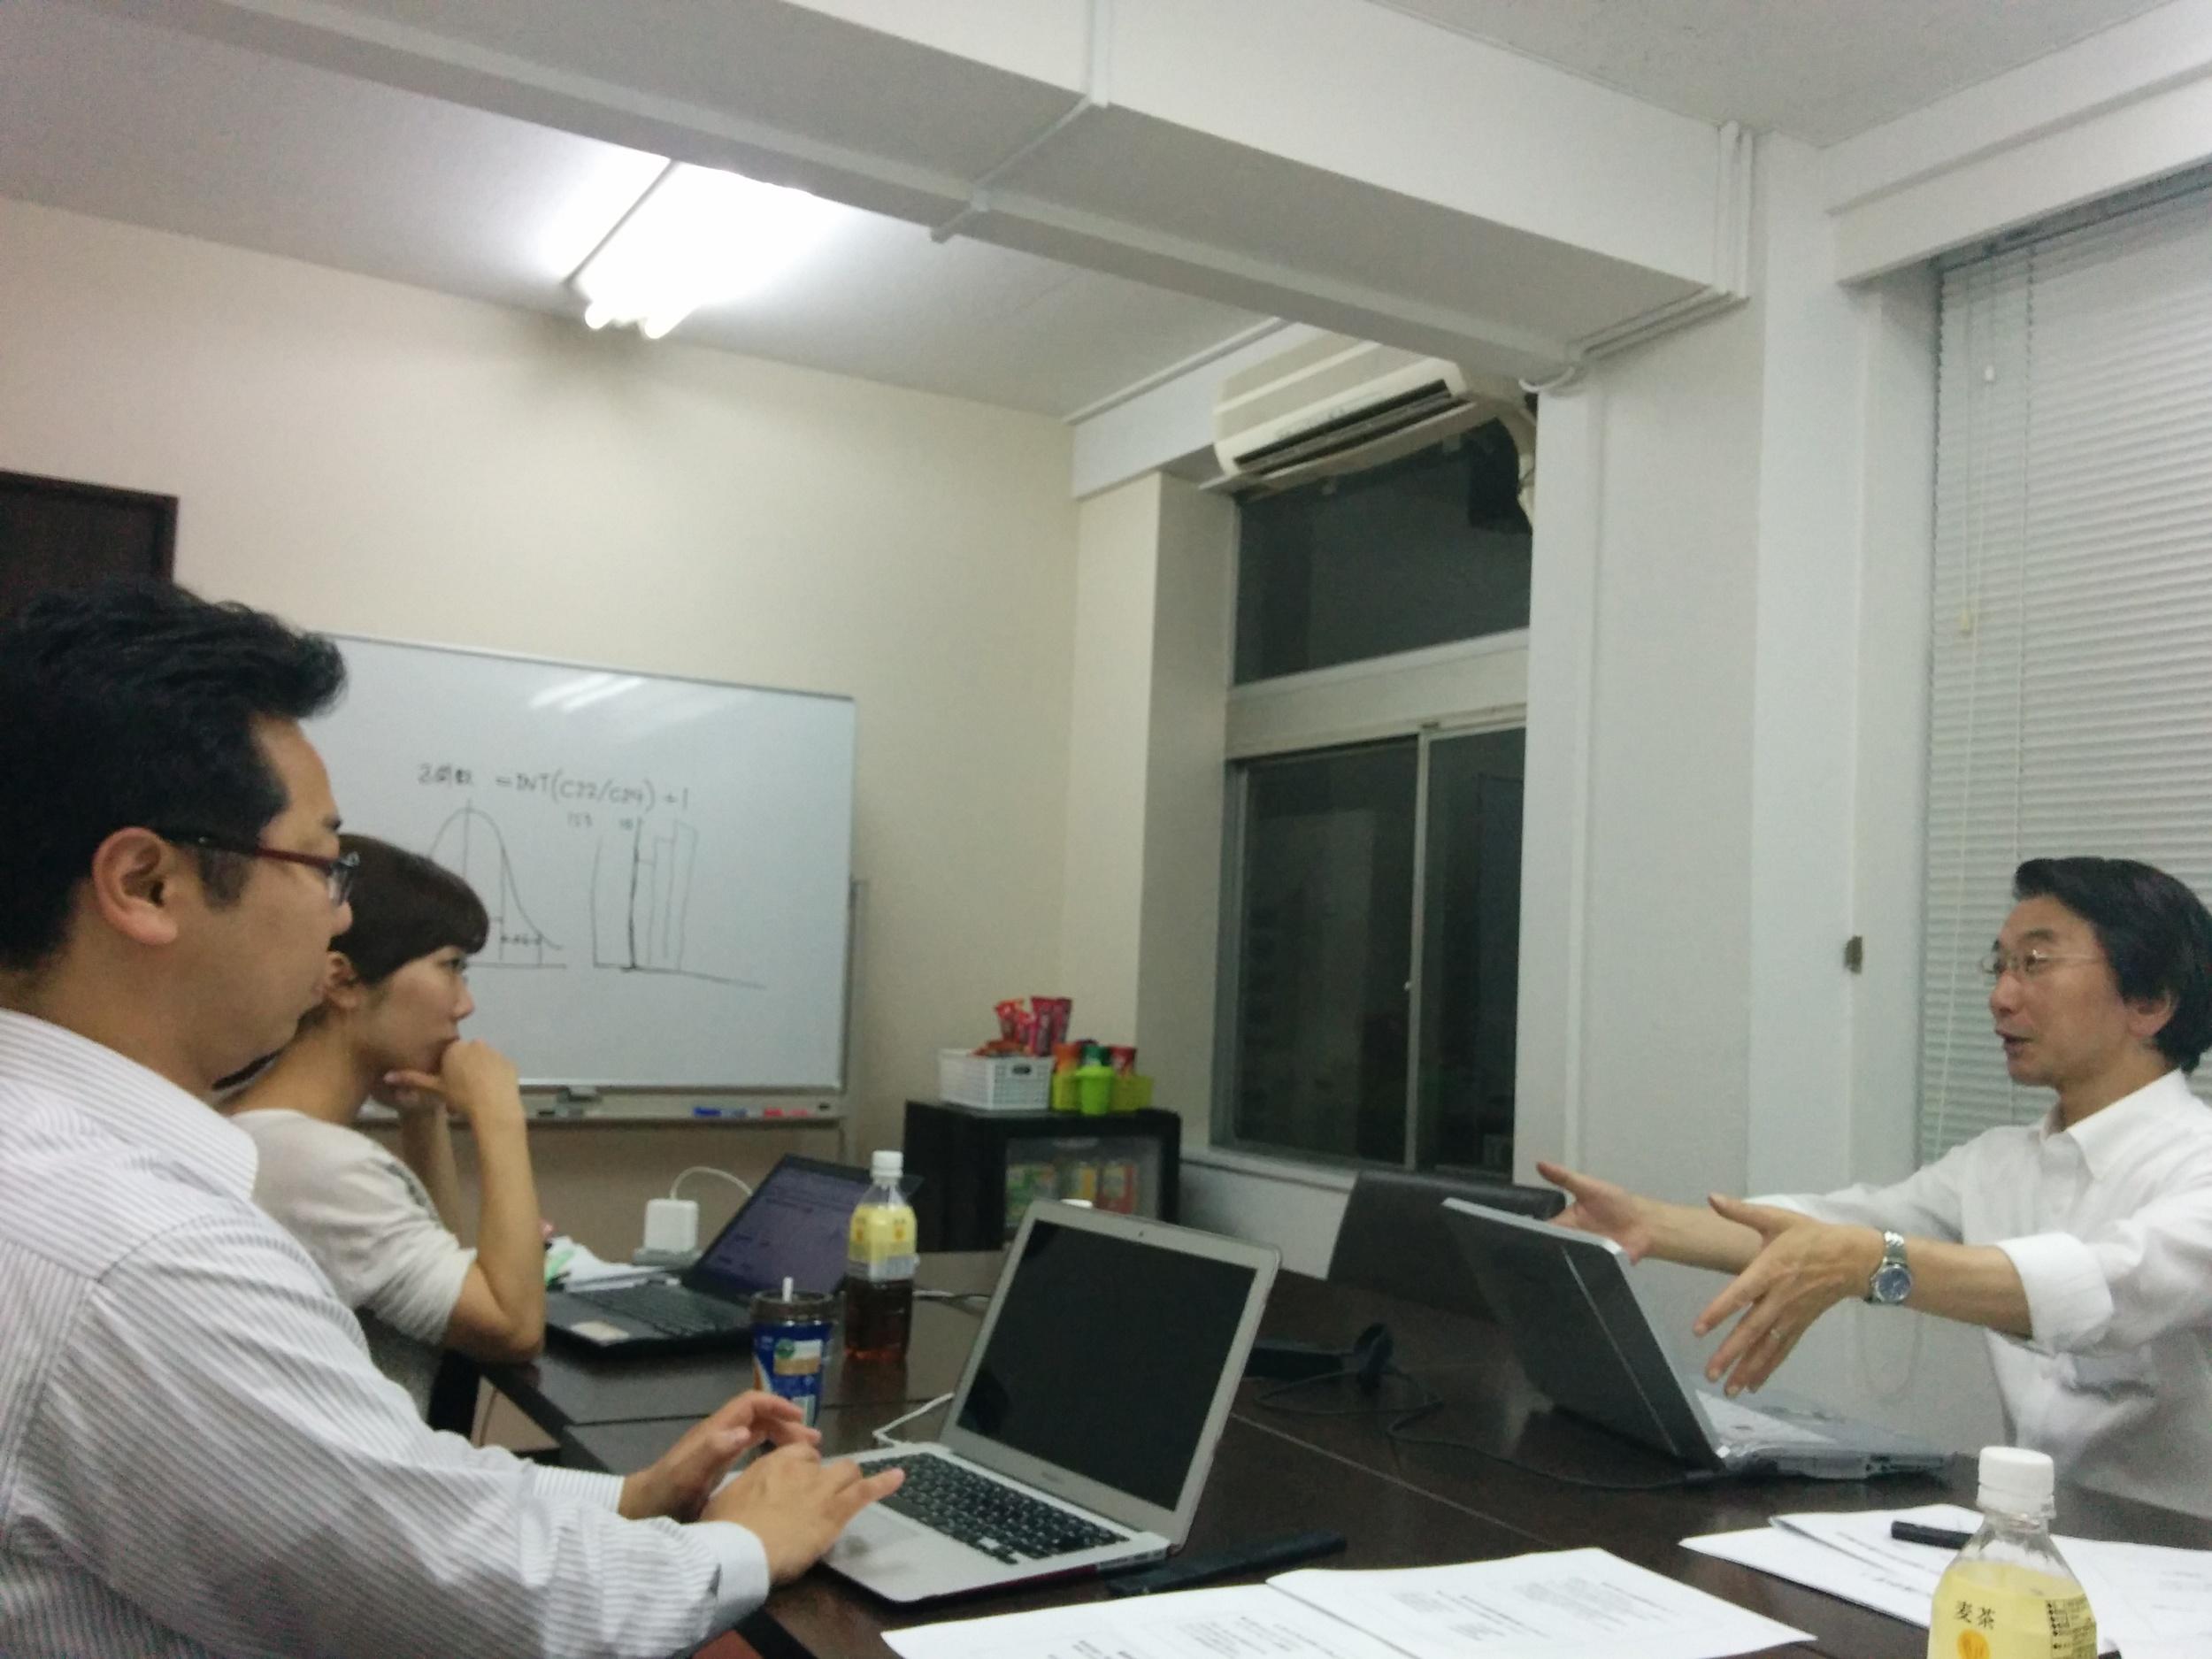 初心者のための統計学超入門講座セミナー(20140916)セミナー写真④.jpg